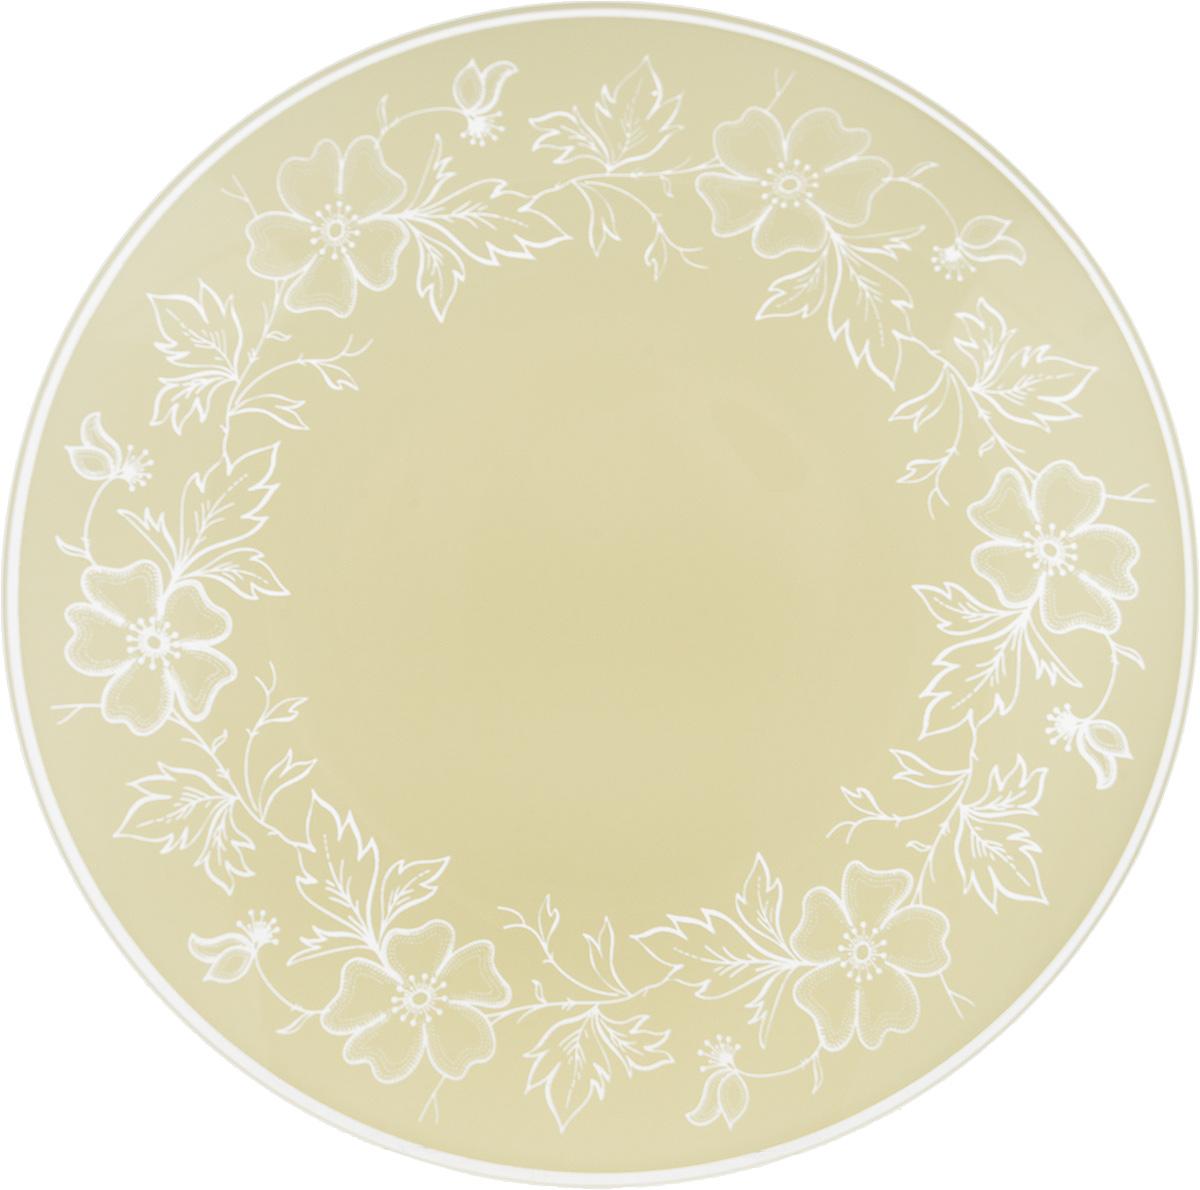 Тарелка NiNaGlass Лара, цвет: светло-бежевый, диаметр 20 см54 009312Тарелка NiNaGlass Лара выполнена из высококачественного стекла и оформлена красивым цветочным узором. Тарелка идеальна для подачи вторых блюд, а также сервировки закусок, нарезок, салатов, овощей и фруктов. Она отлично подойдет как для повседневных, так и для торжественных случаев.Такая тарелка прекрасно впишется в интерьер вашей кухни и станет достойным дополнением к кухонному инвентарю.